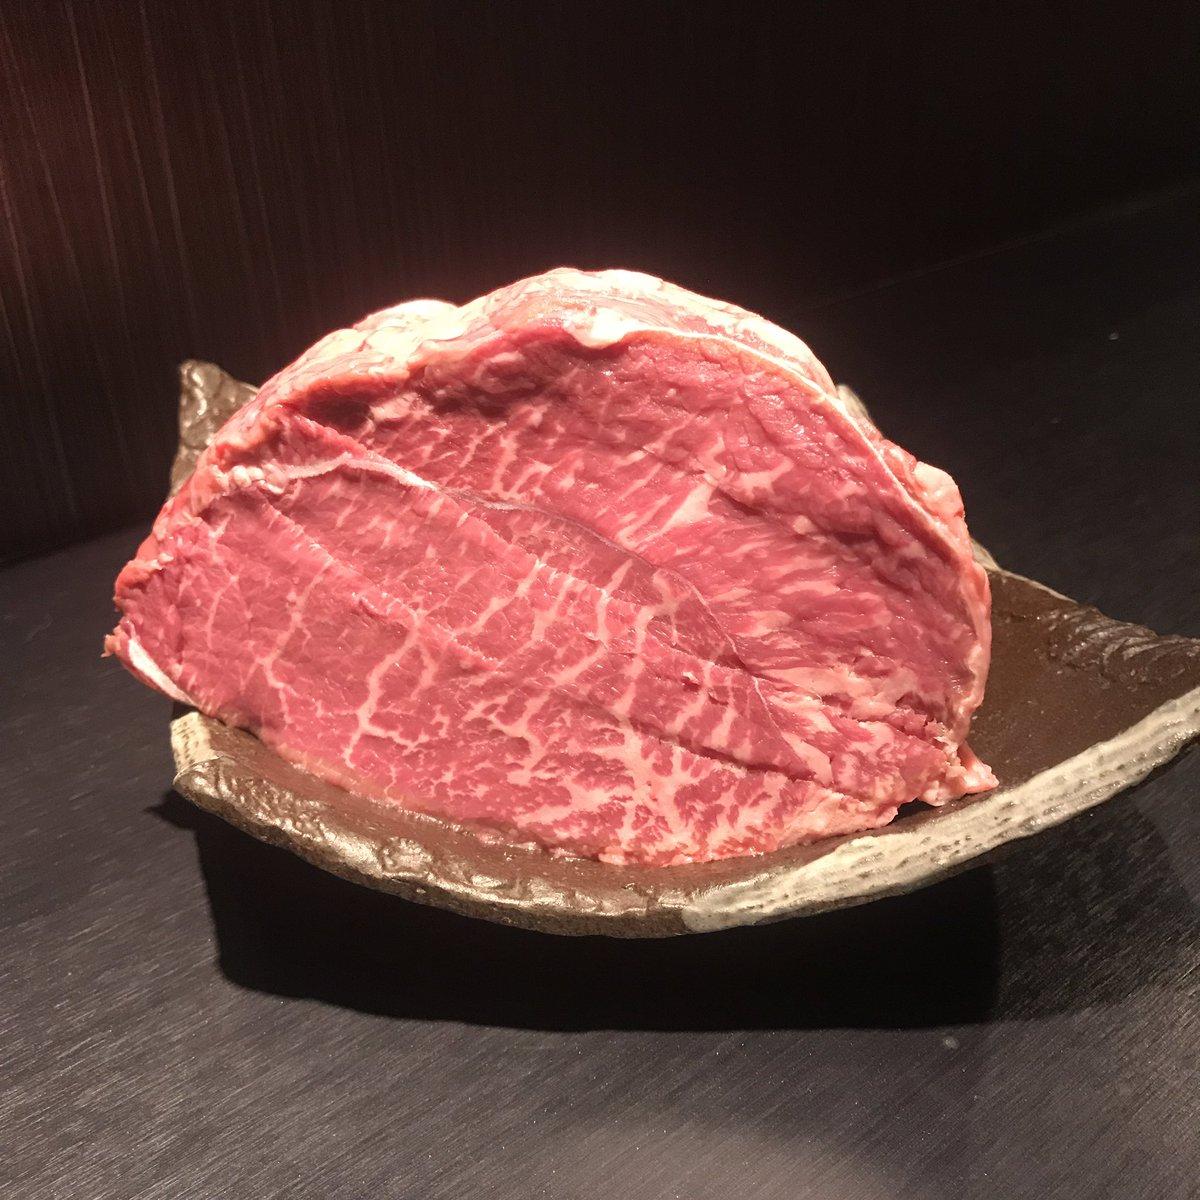 出張3日目新宿はkokemomoで肉食ってます。断糖高脂質メニュー喜んで!とのこと。牛肉は山形県の蔵王牛のみというこだわり。牛脂も提供可能とのこと。東京在住の方、東京出張の際は是非🥩#断糖高脂質食#金森式kokemomo